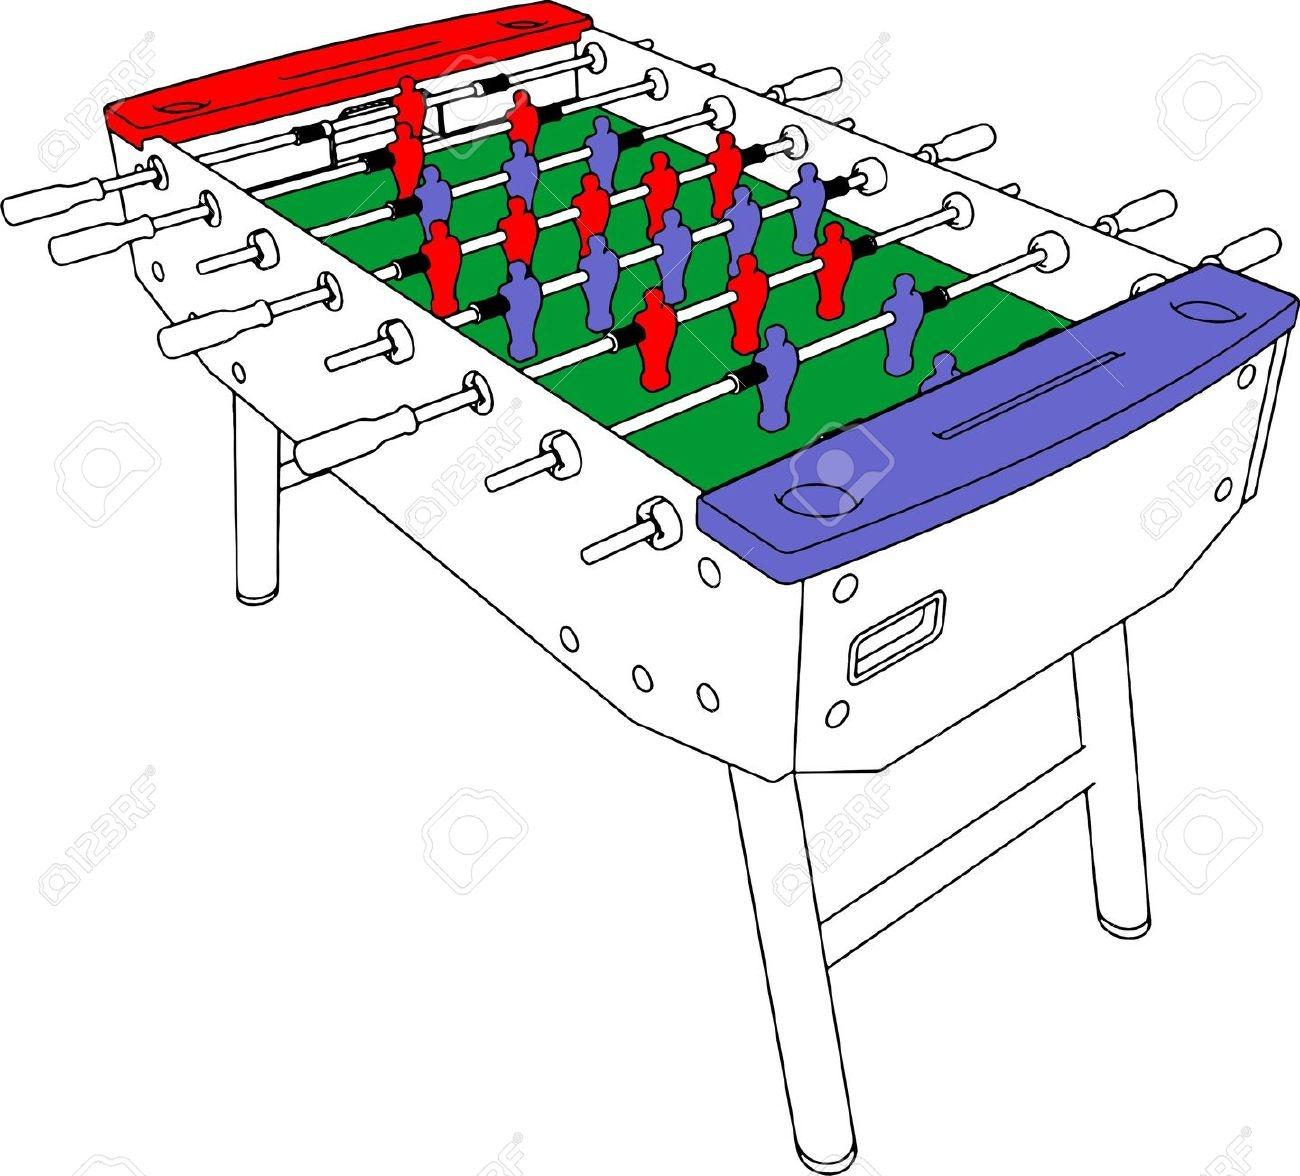 Table football clipart.